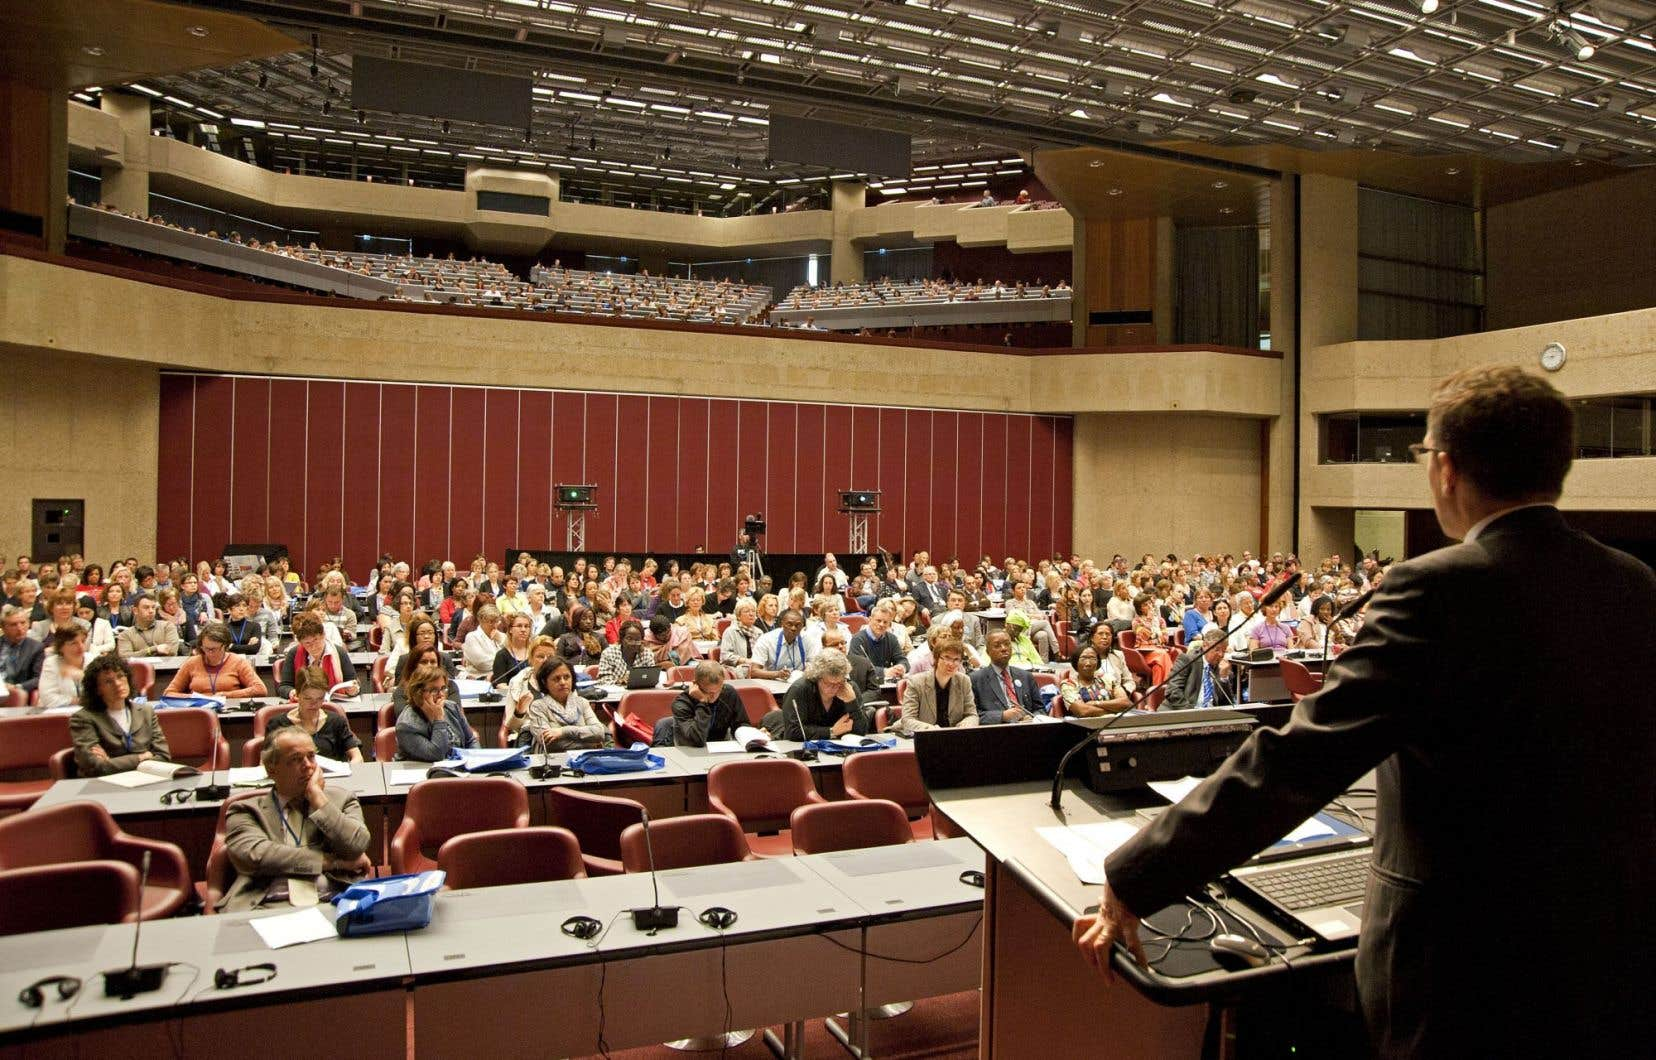 Le 6e congrès international du Secrétariat international des infirmières et infirmiers de l'espace francophone se tiendra à Montréal, du 31 mai au 5 juin.